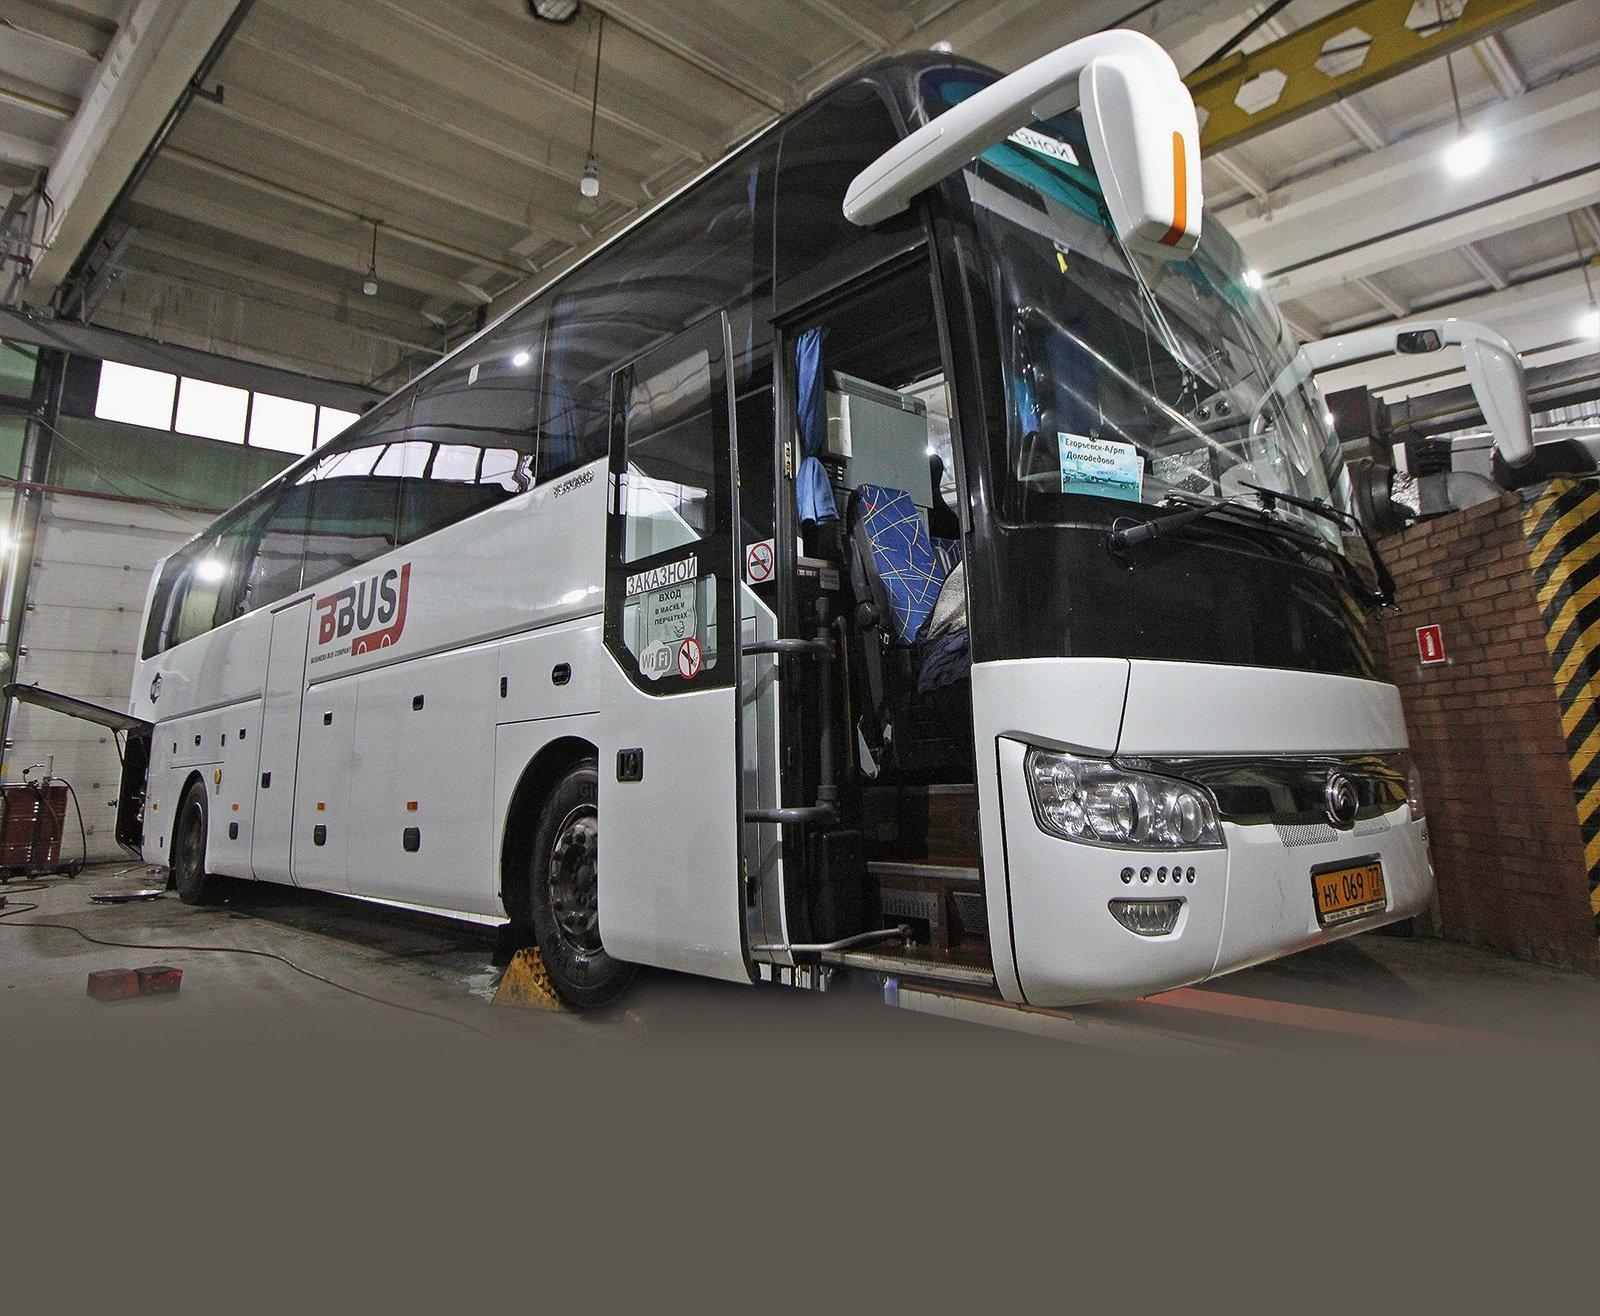 Ресурсный тест автобусных шин Giti: делаем выводы после пробега 120 000 км